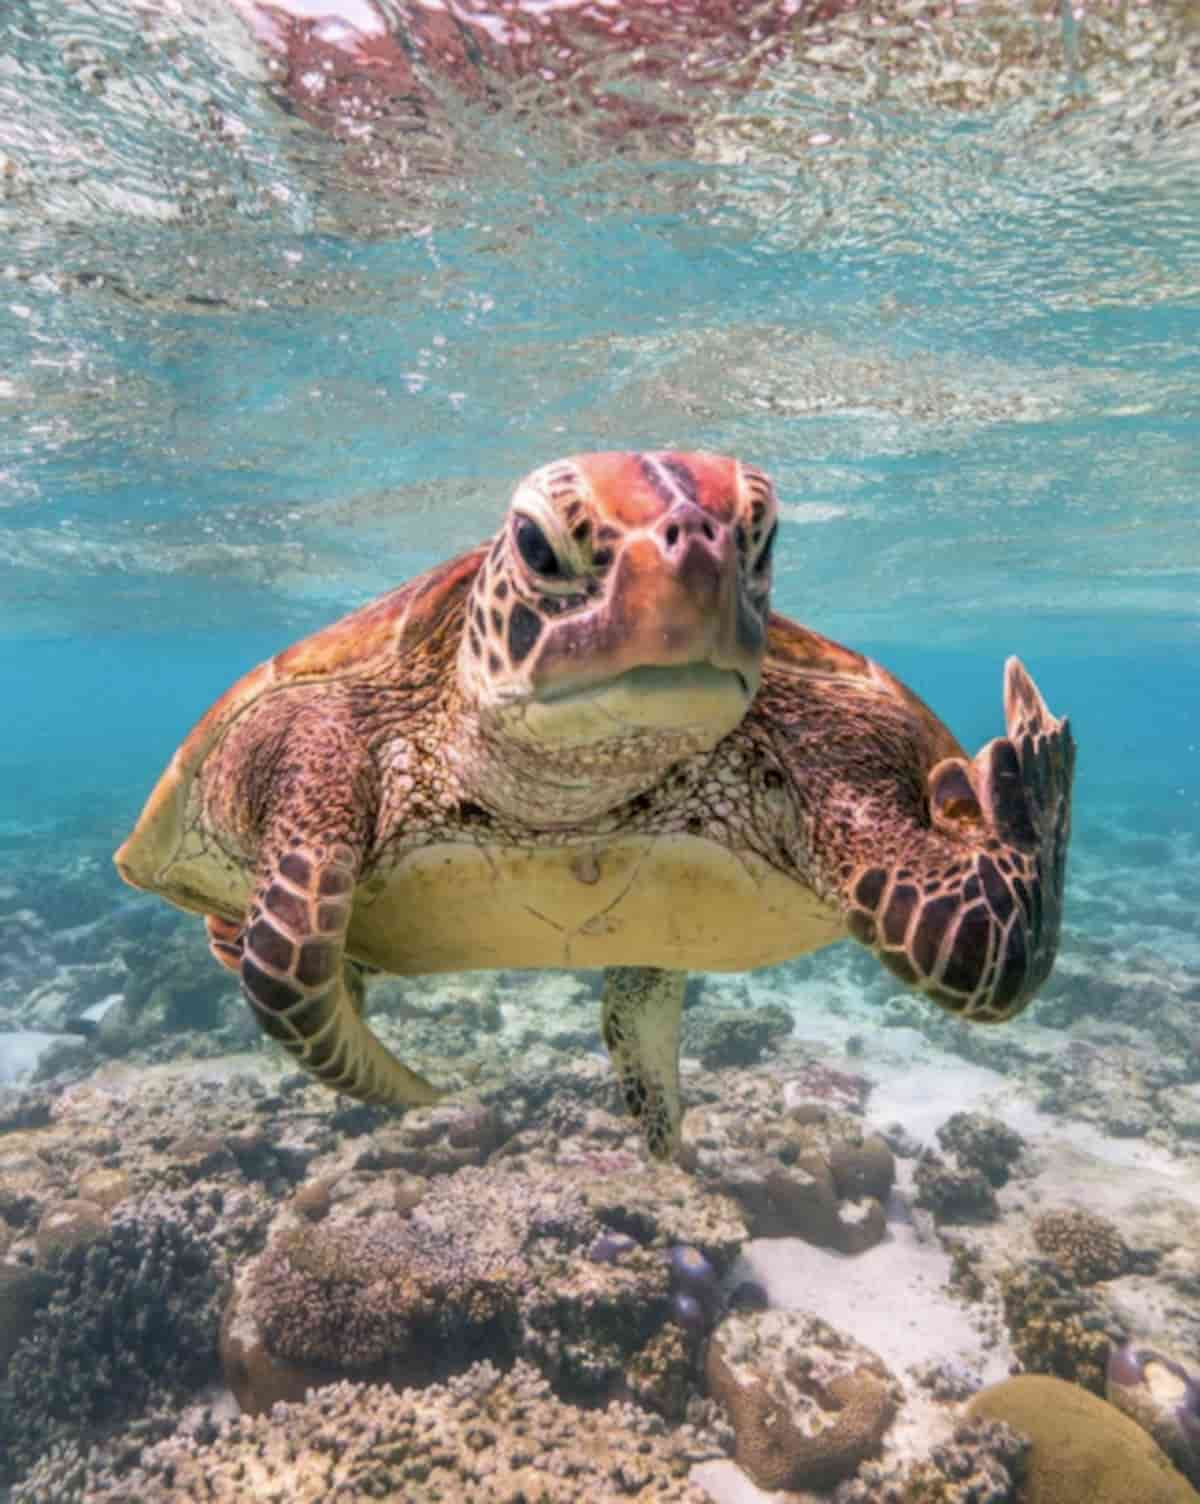 tartaruga selvagem a mostrar o dedo do meio ao fotografo